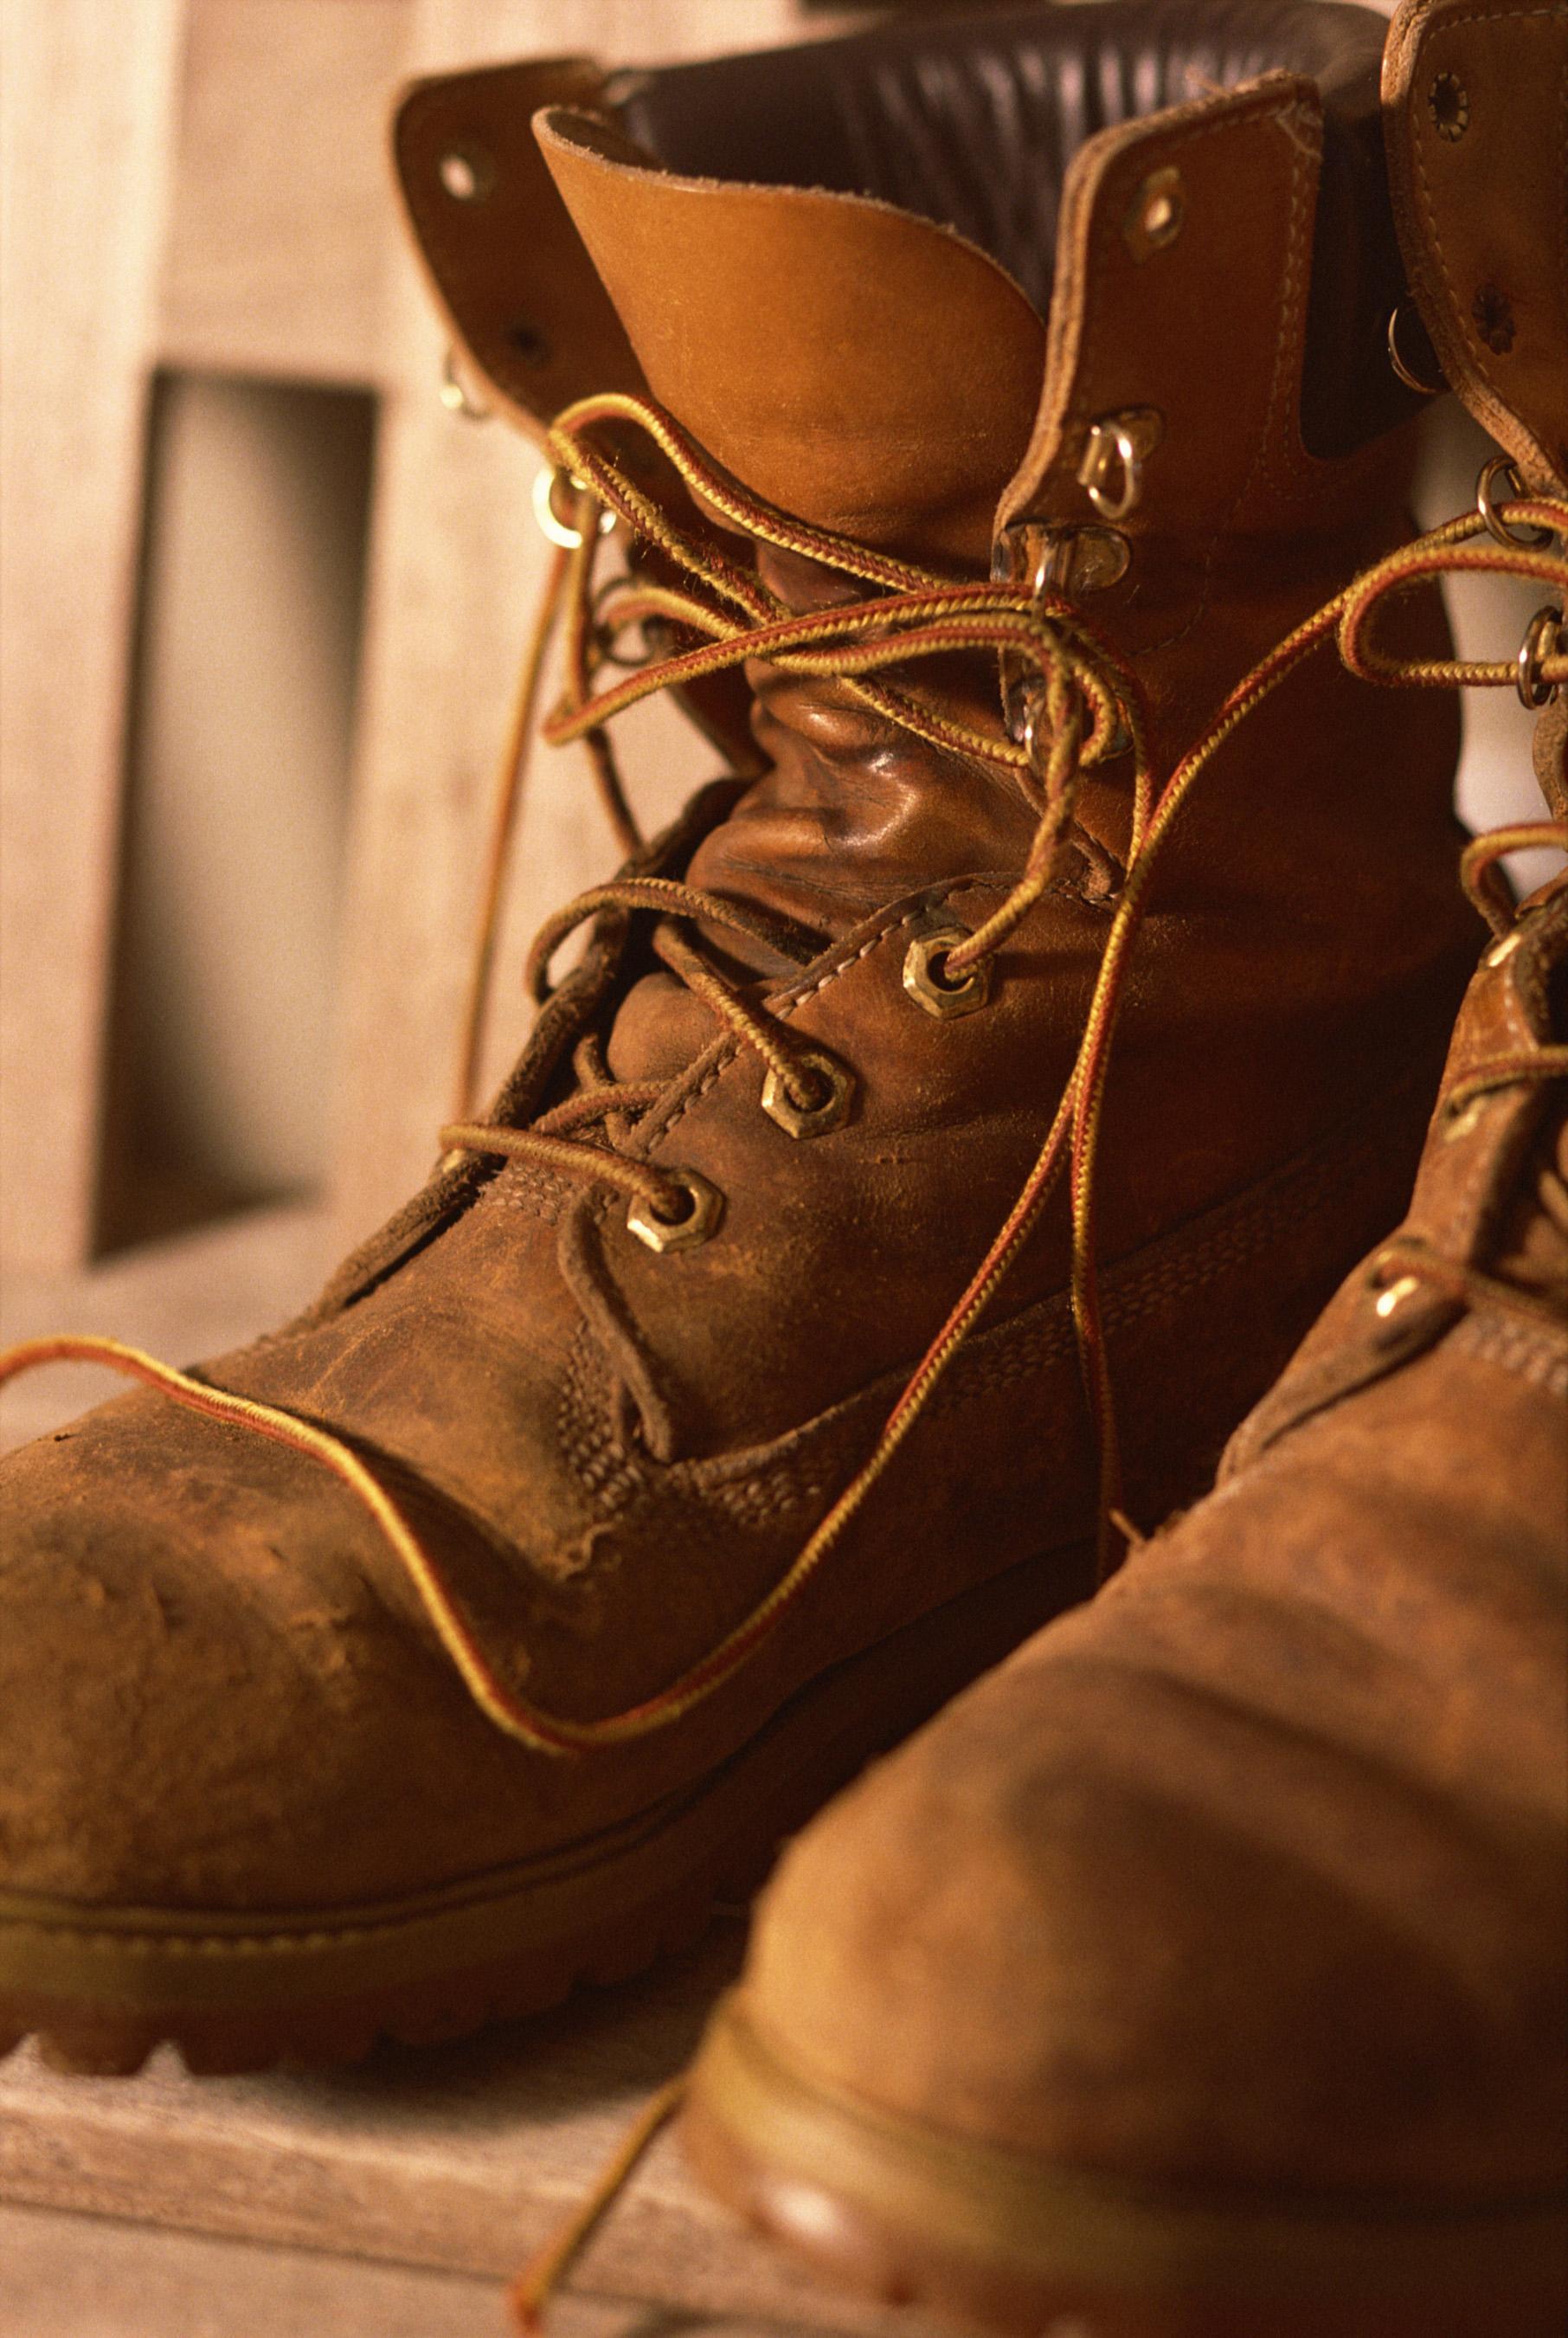 Secreto Opinión Saliente  Cuál es la mejor forma de limpiar unas botas Timberland?